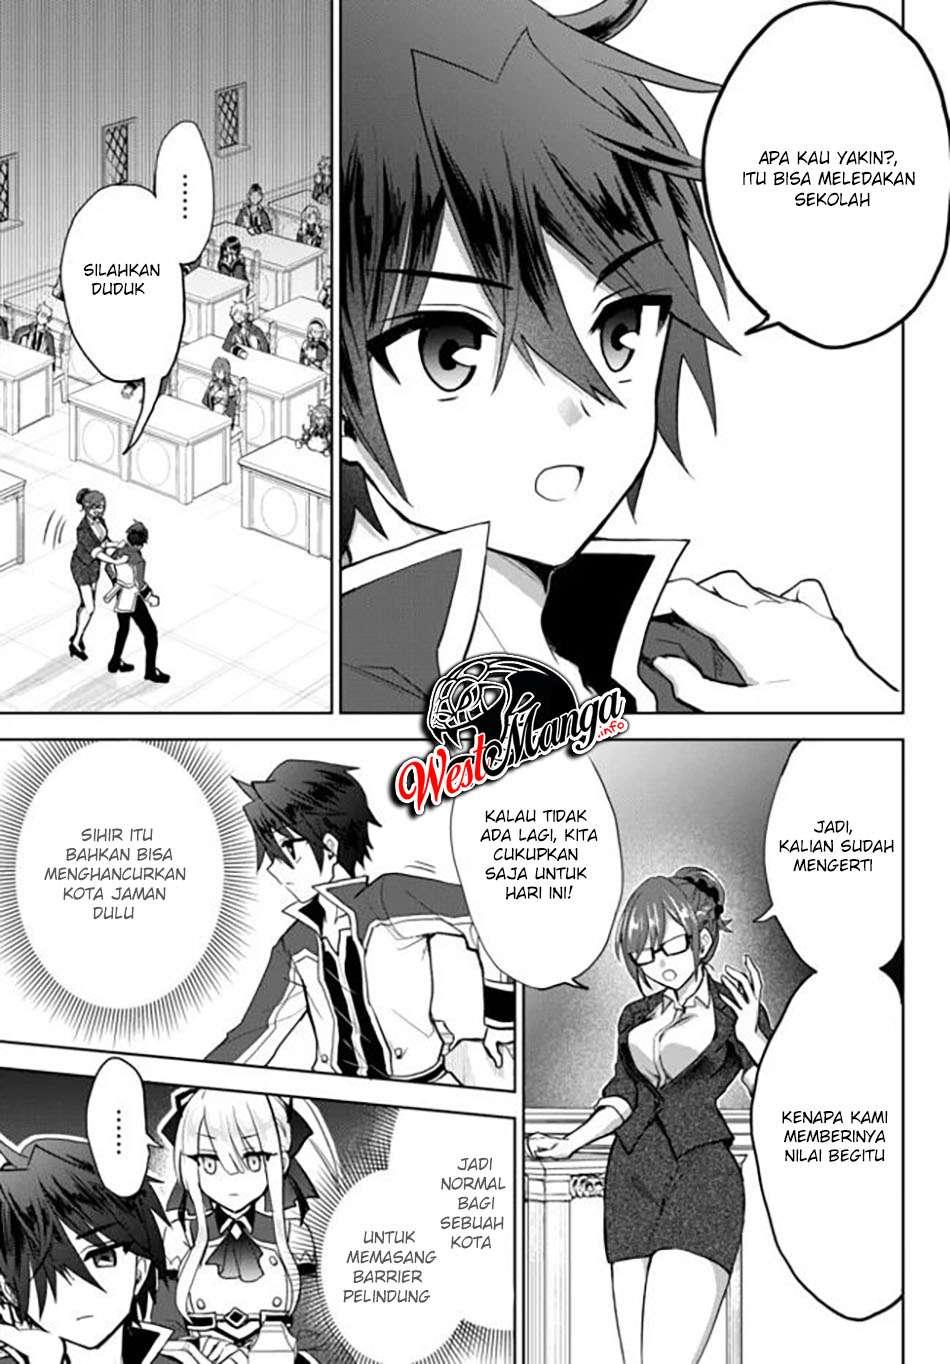 Nishuume Cheat no Tensei Madoushi: Saikyou ga 1000-nengo ni Tensei Shitara, Jinsei Yoyuu Sugimashita: Chapter 03.2 - Page 9